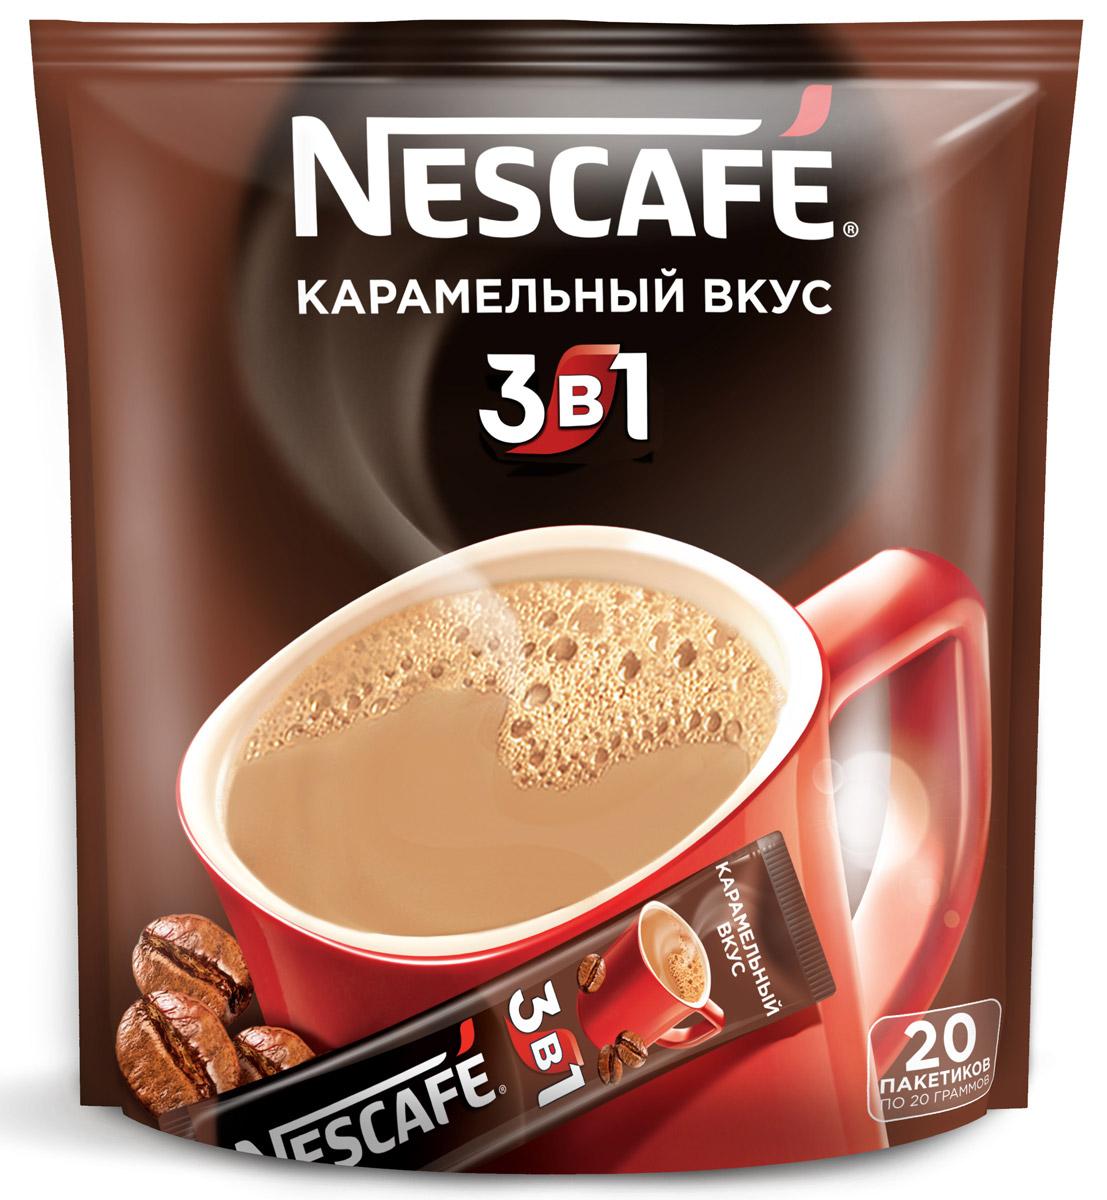 Nescafe 3 в 1 Карамель кофе растворимый, 20 шт